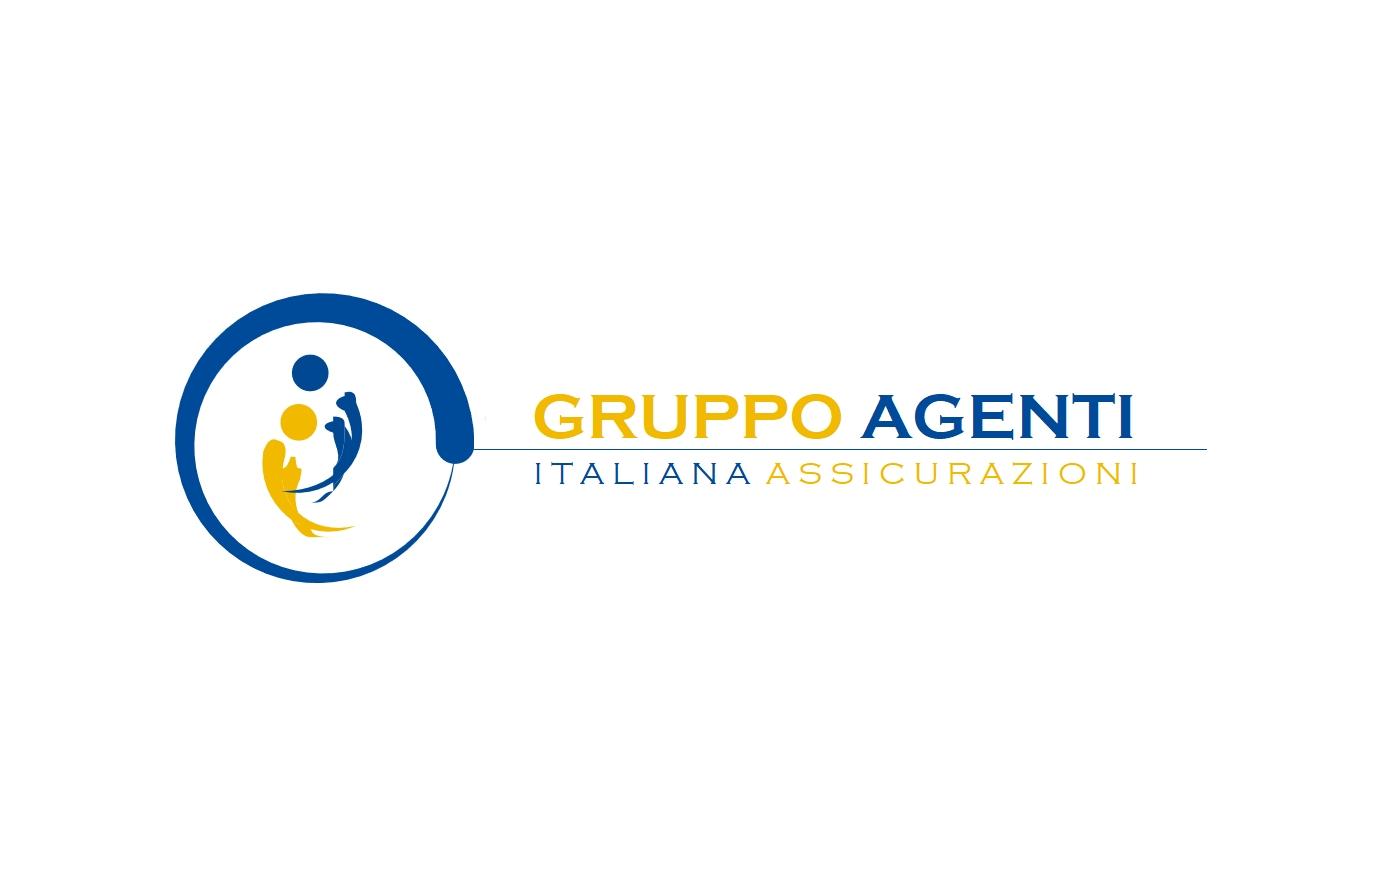 GAAI - Gruppo Agenti Italiana Assicurazioni